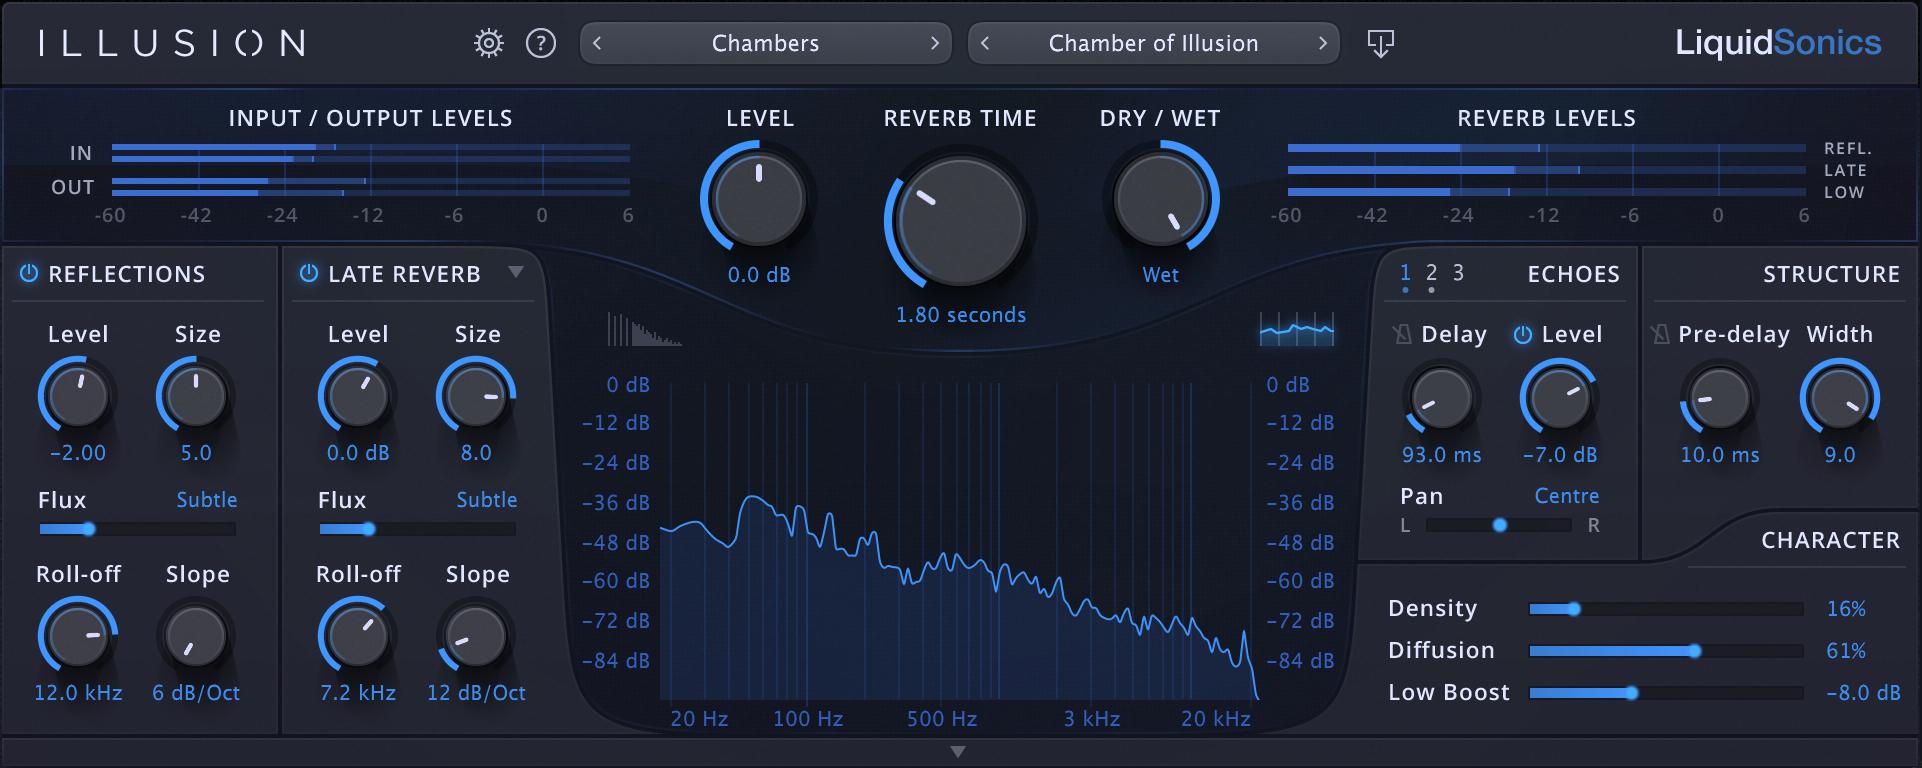 Illusion-liquidsonics reverb plug-in.png